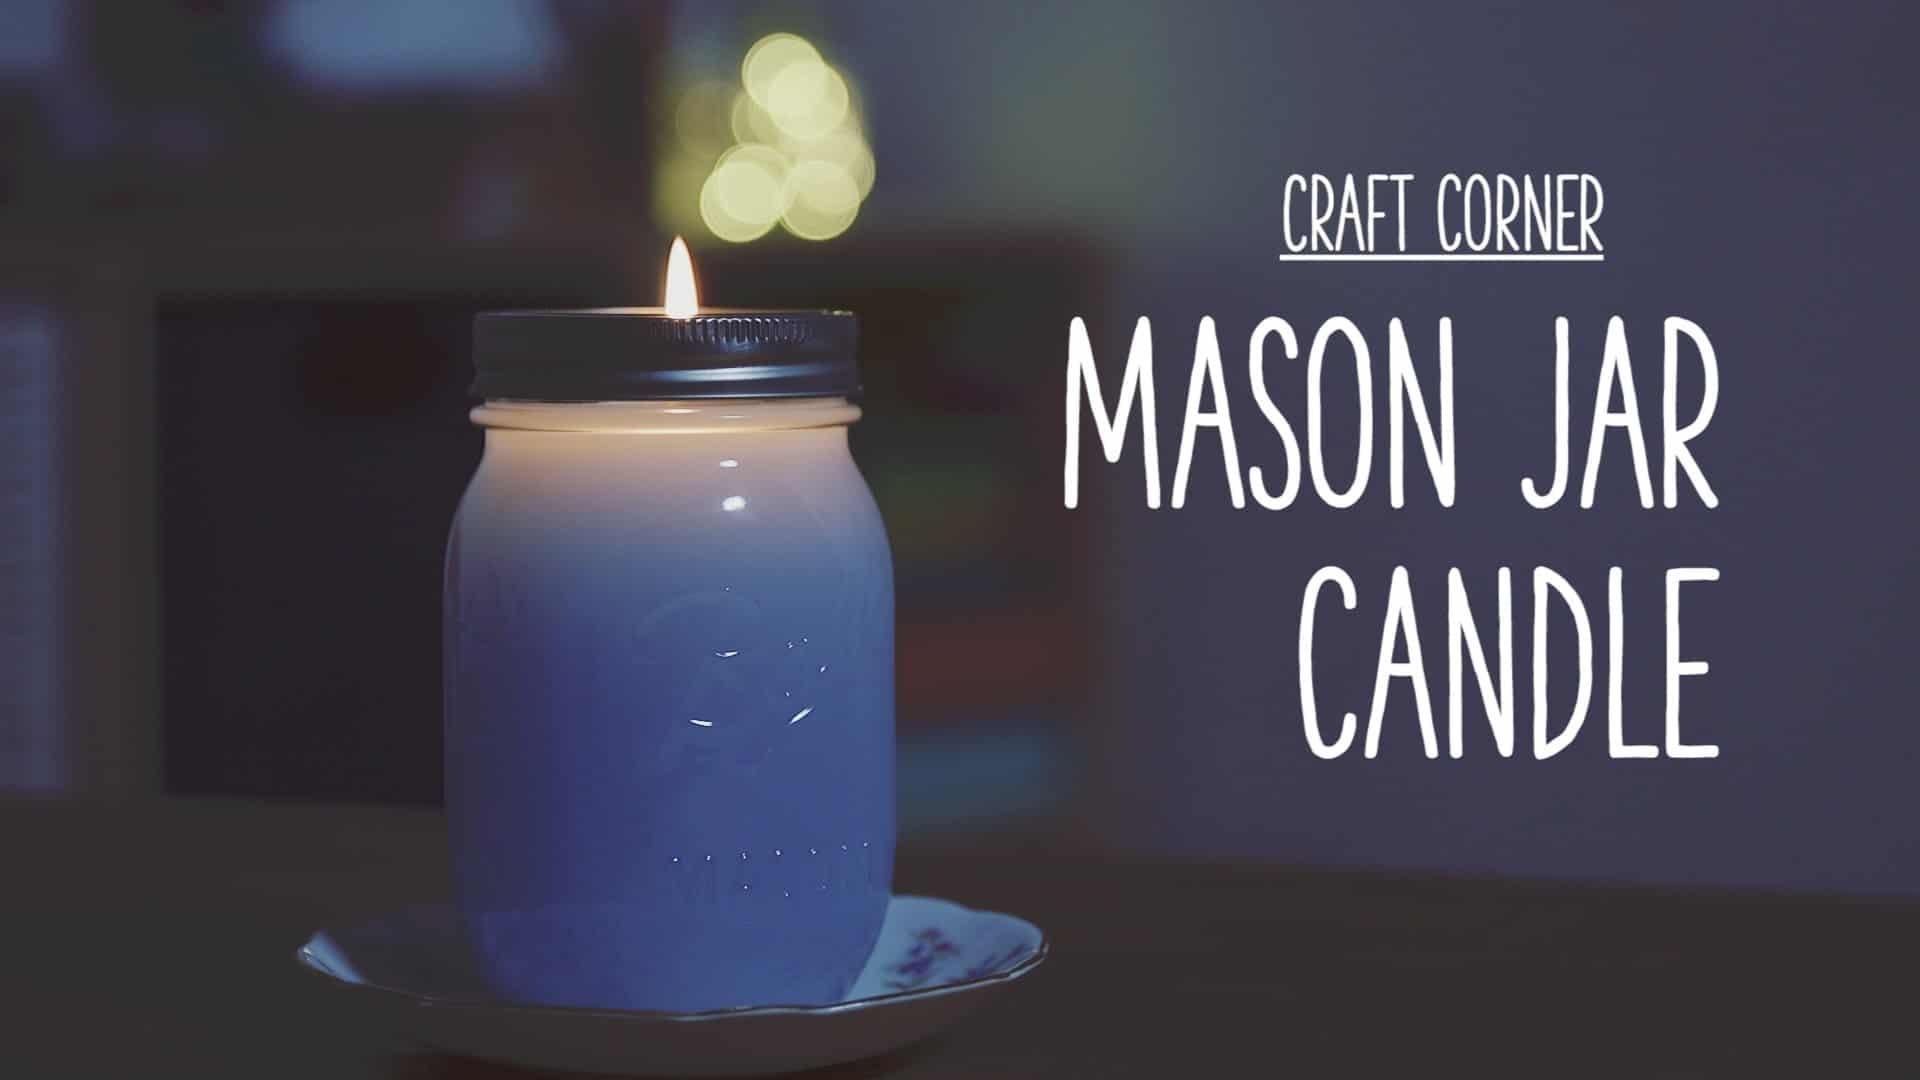 Dyed mason jar candle